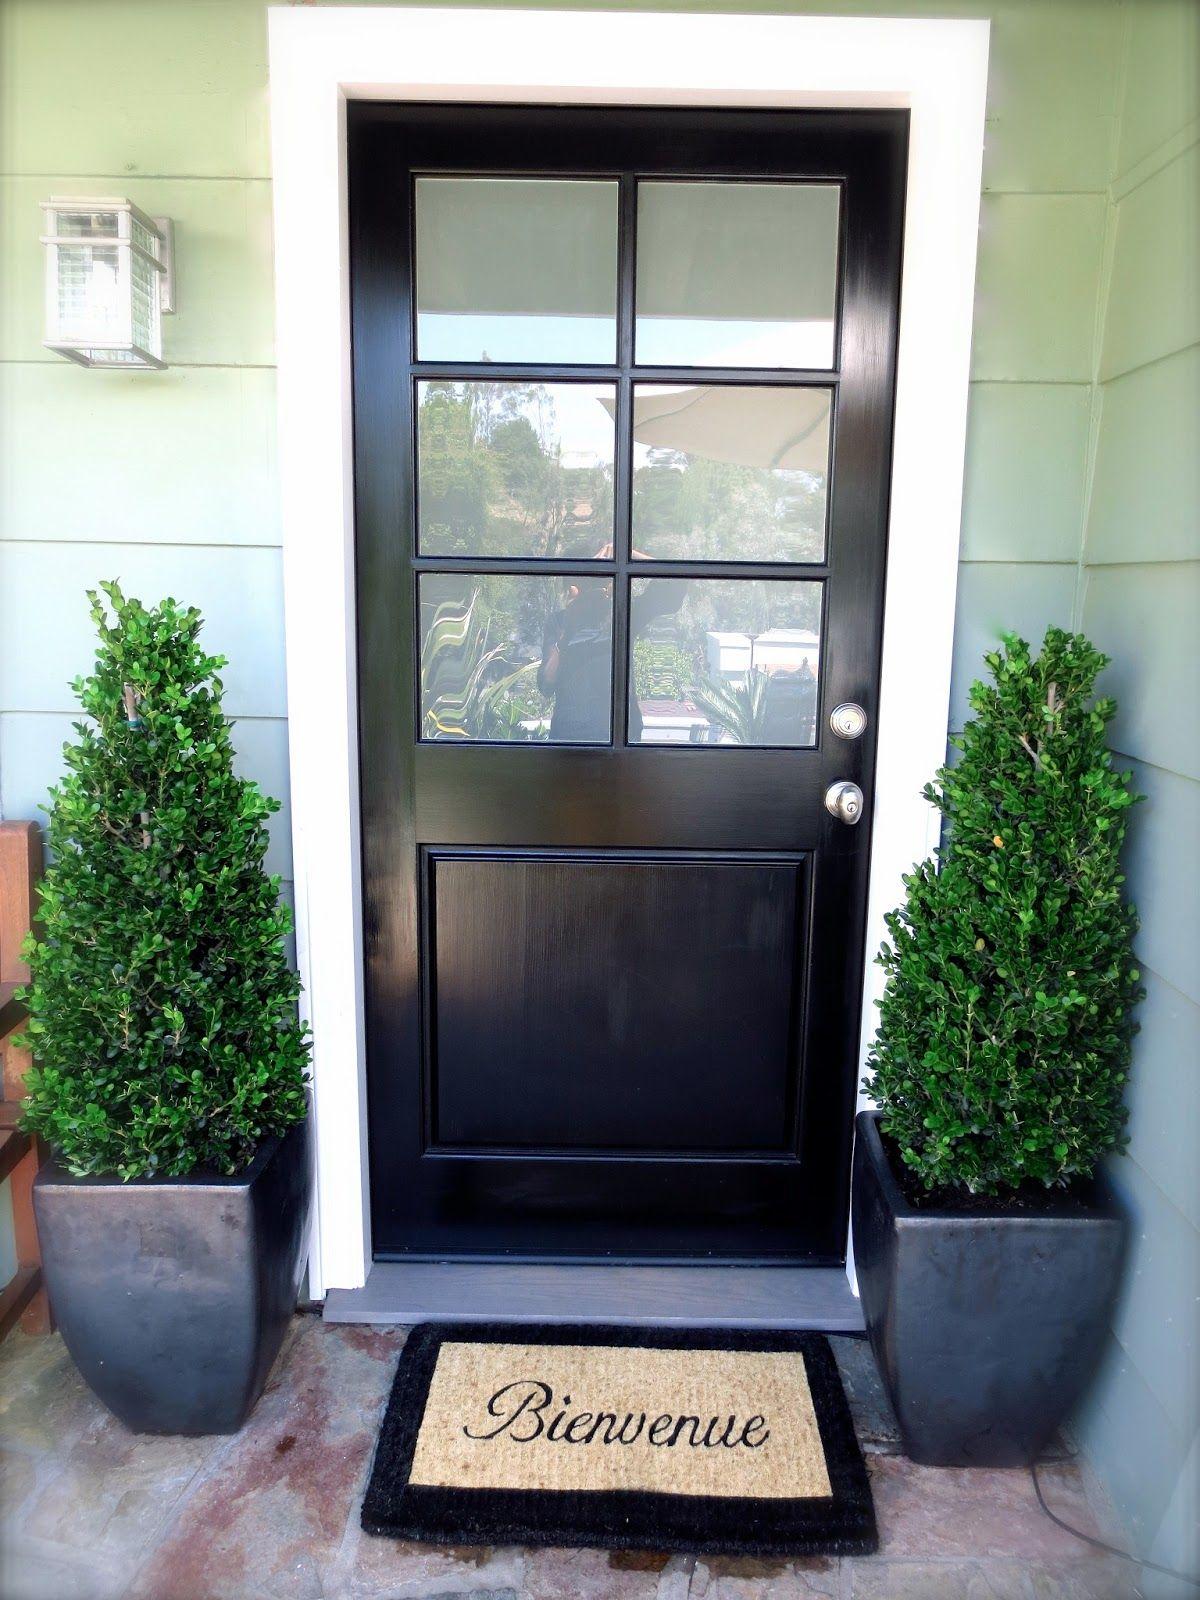 Black exterior front doors - Front Door Topiaries Black Front Door Glossy Boxwood Topiaries Plants Potted Charcoal Gray